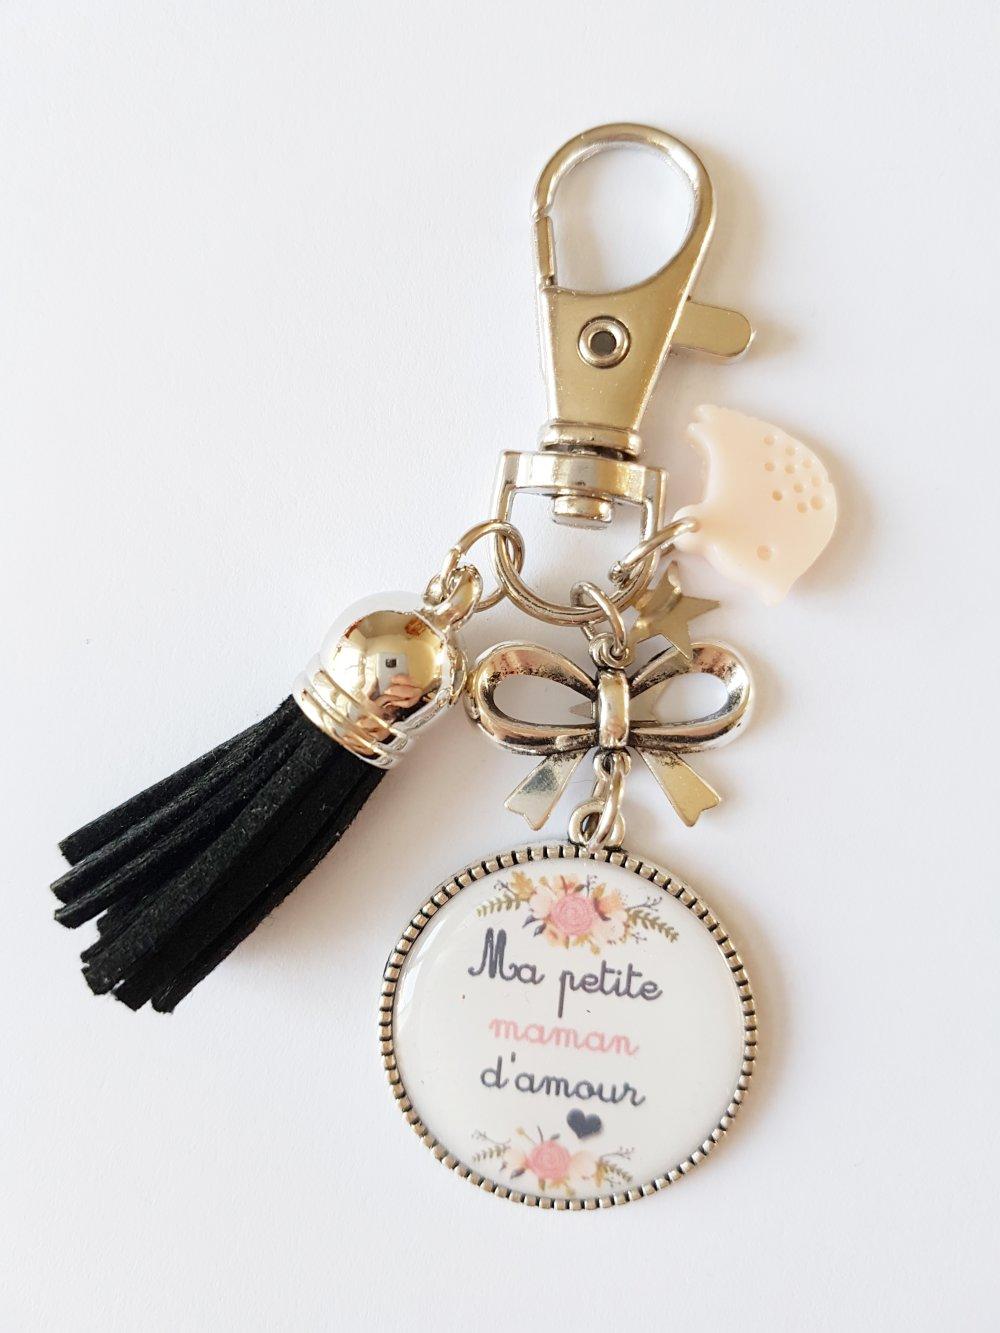 Porte clef ma petite maman d'amour étoile oiseau pompon noir rose